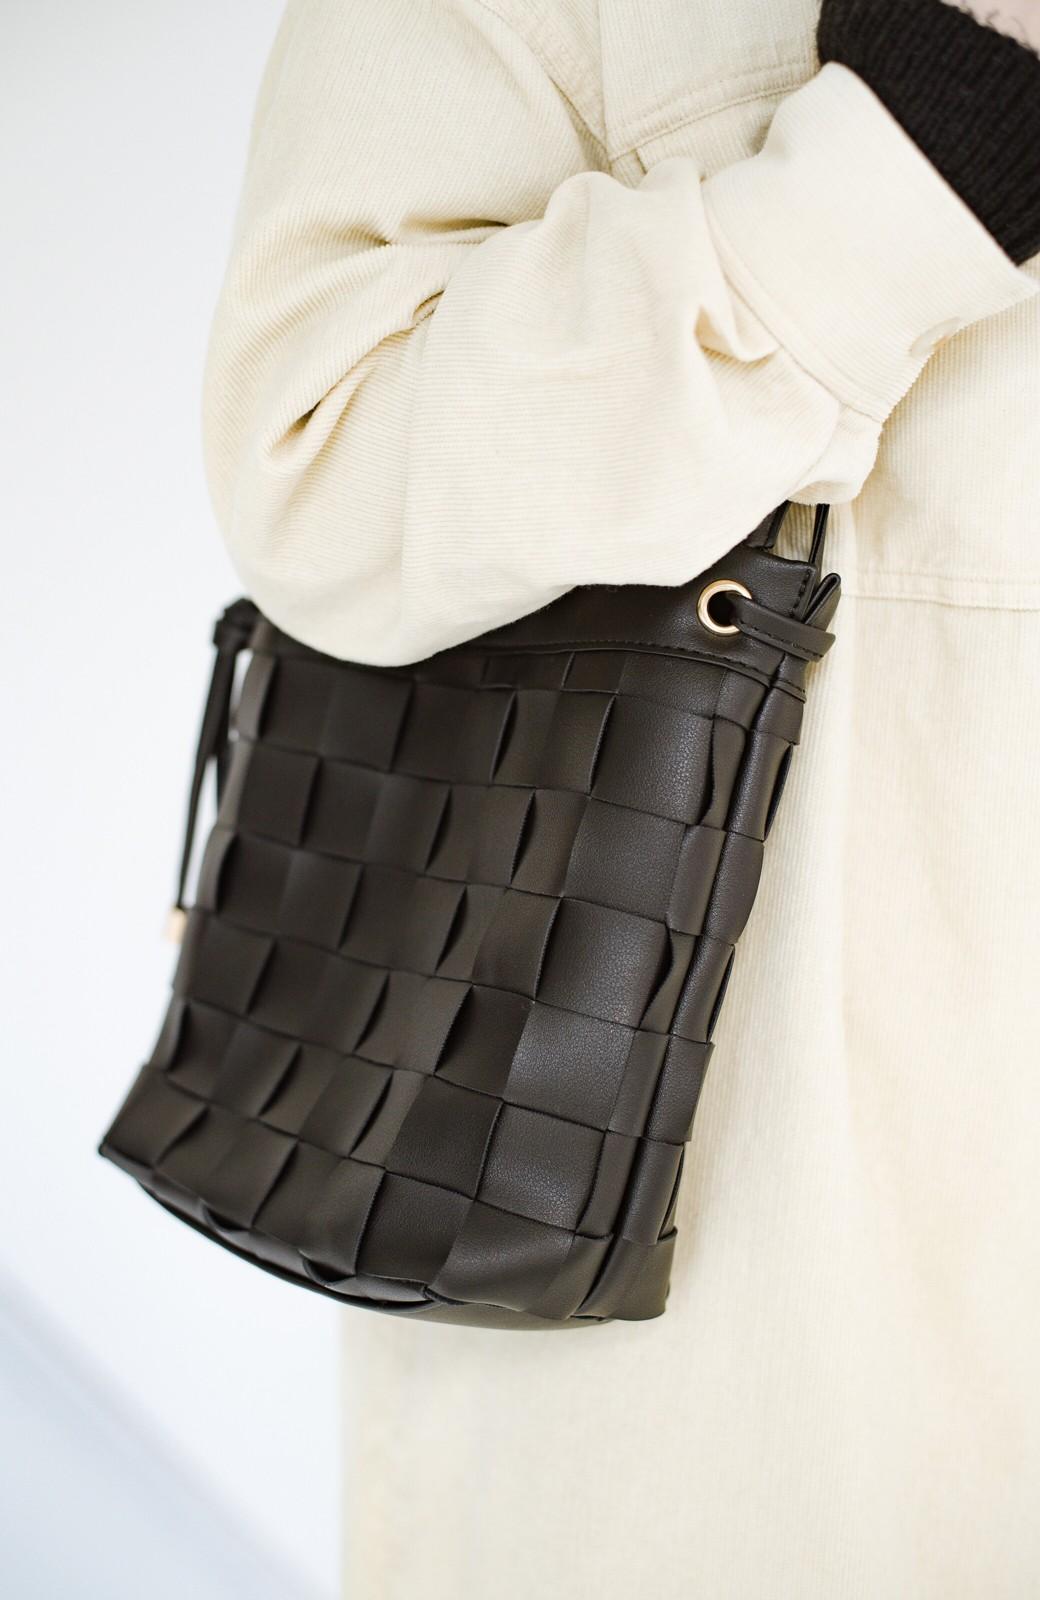 haco! さっと持って女っぽ 手編みメッシュが上品なやわらかフェイクレザーのトートバッグ <ブラック>の商品写真6